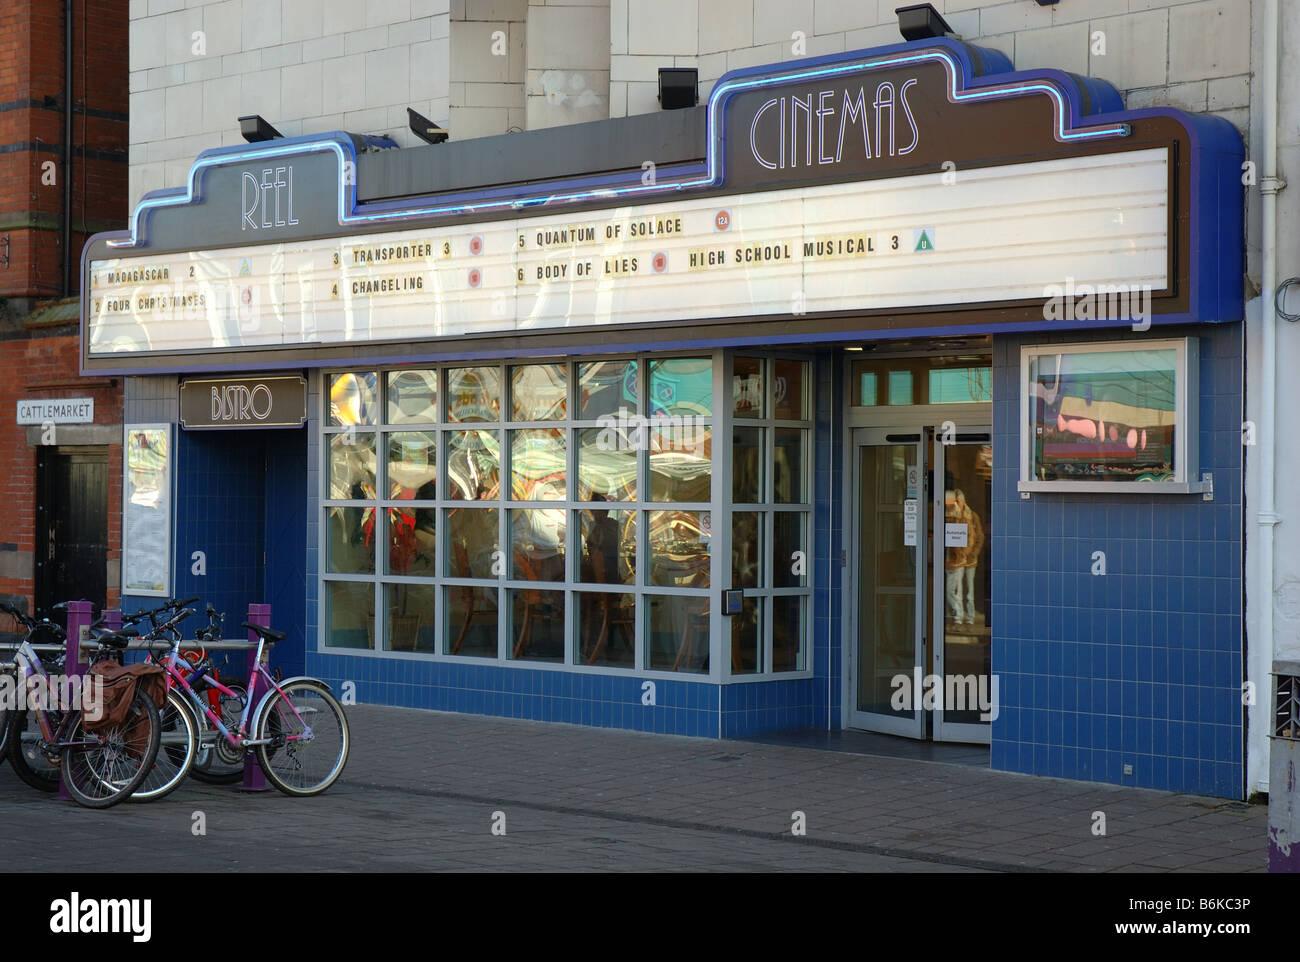 Cinema aspo, Loughborough, Leicestershire, England, Regno Unito Immagini Stock